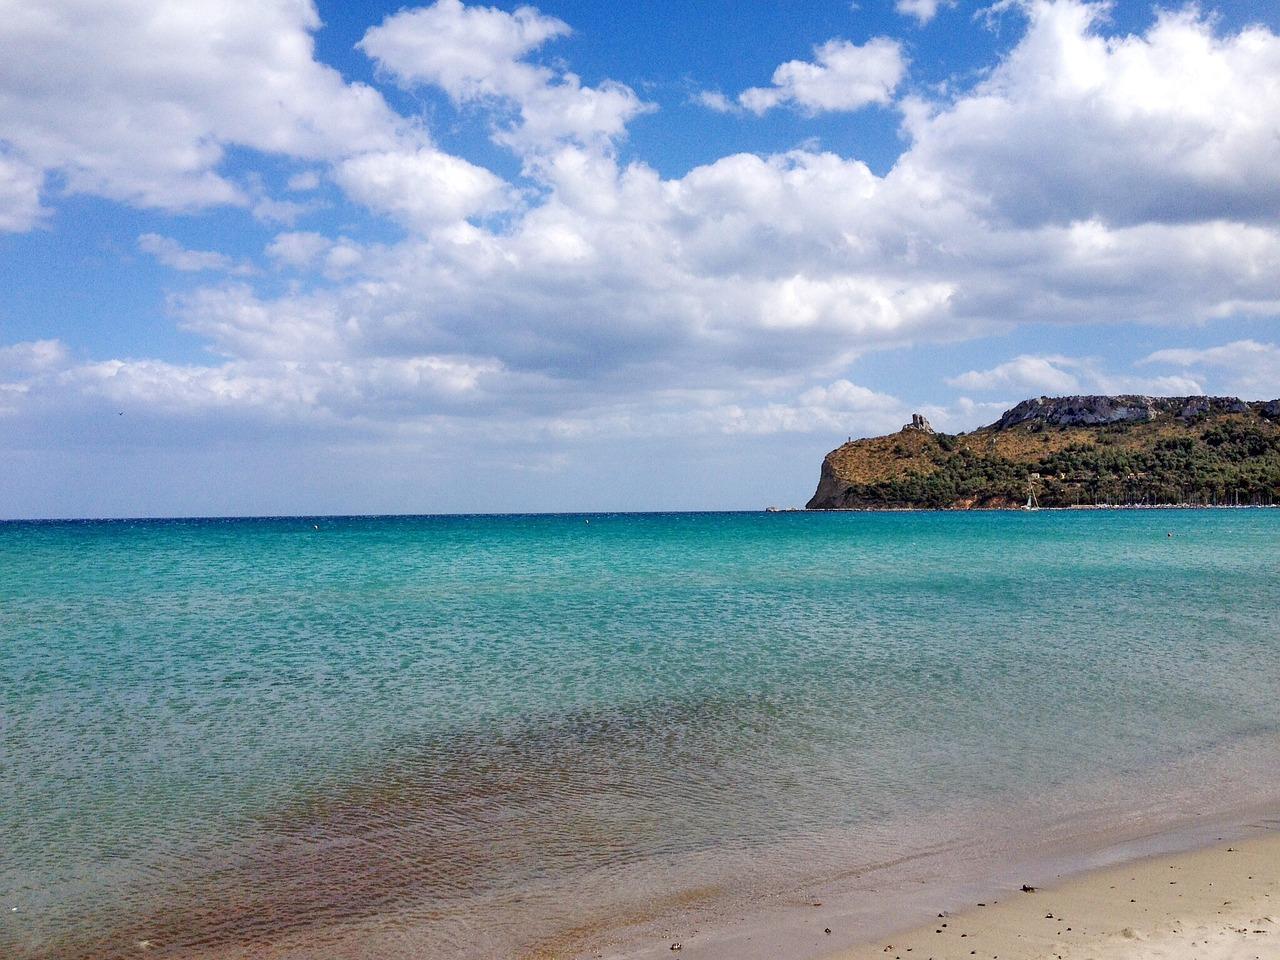 Case vacanza nel sud della Sardegna. Architettura, Benessere e Lavoro secondo Mauro Soddu